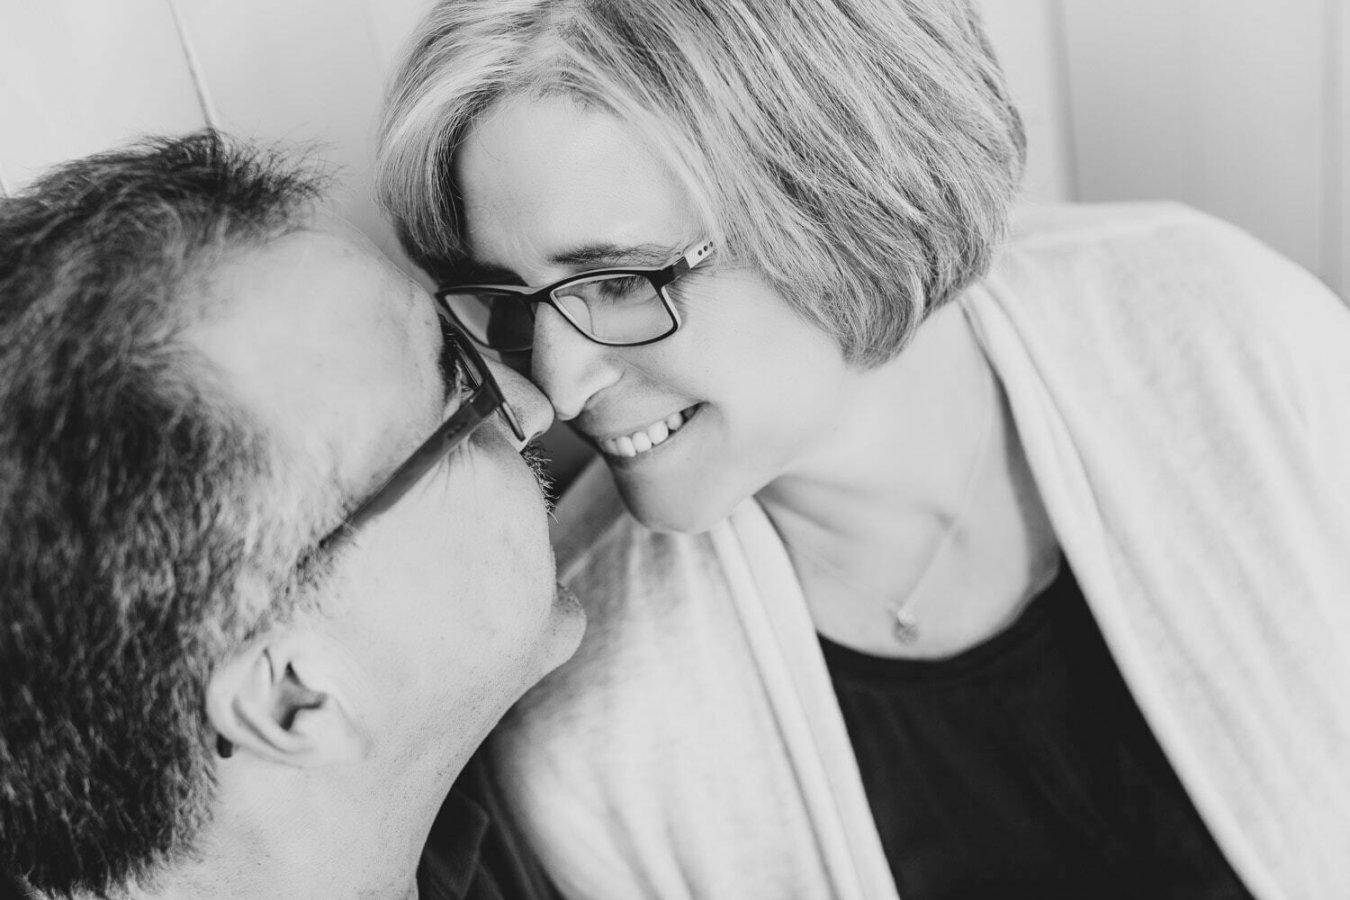 Paarshooting in Schwarzweiss von den Gesichtern eines Paares